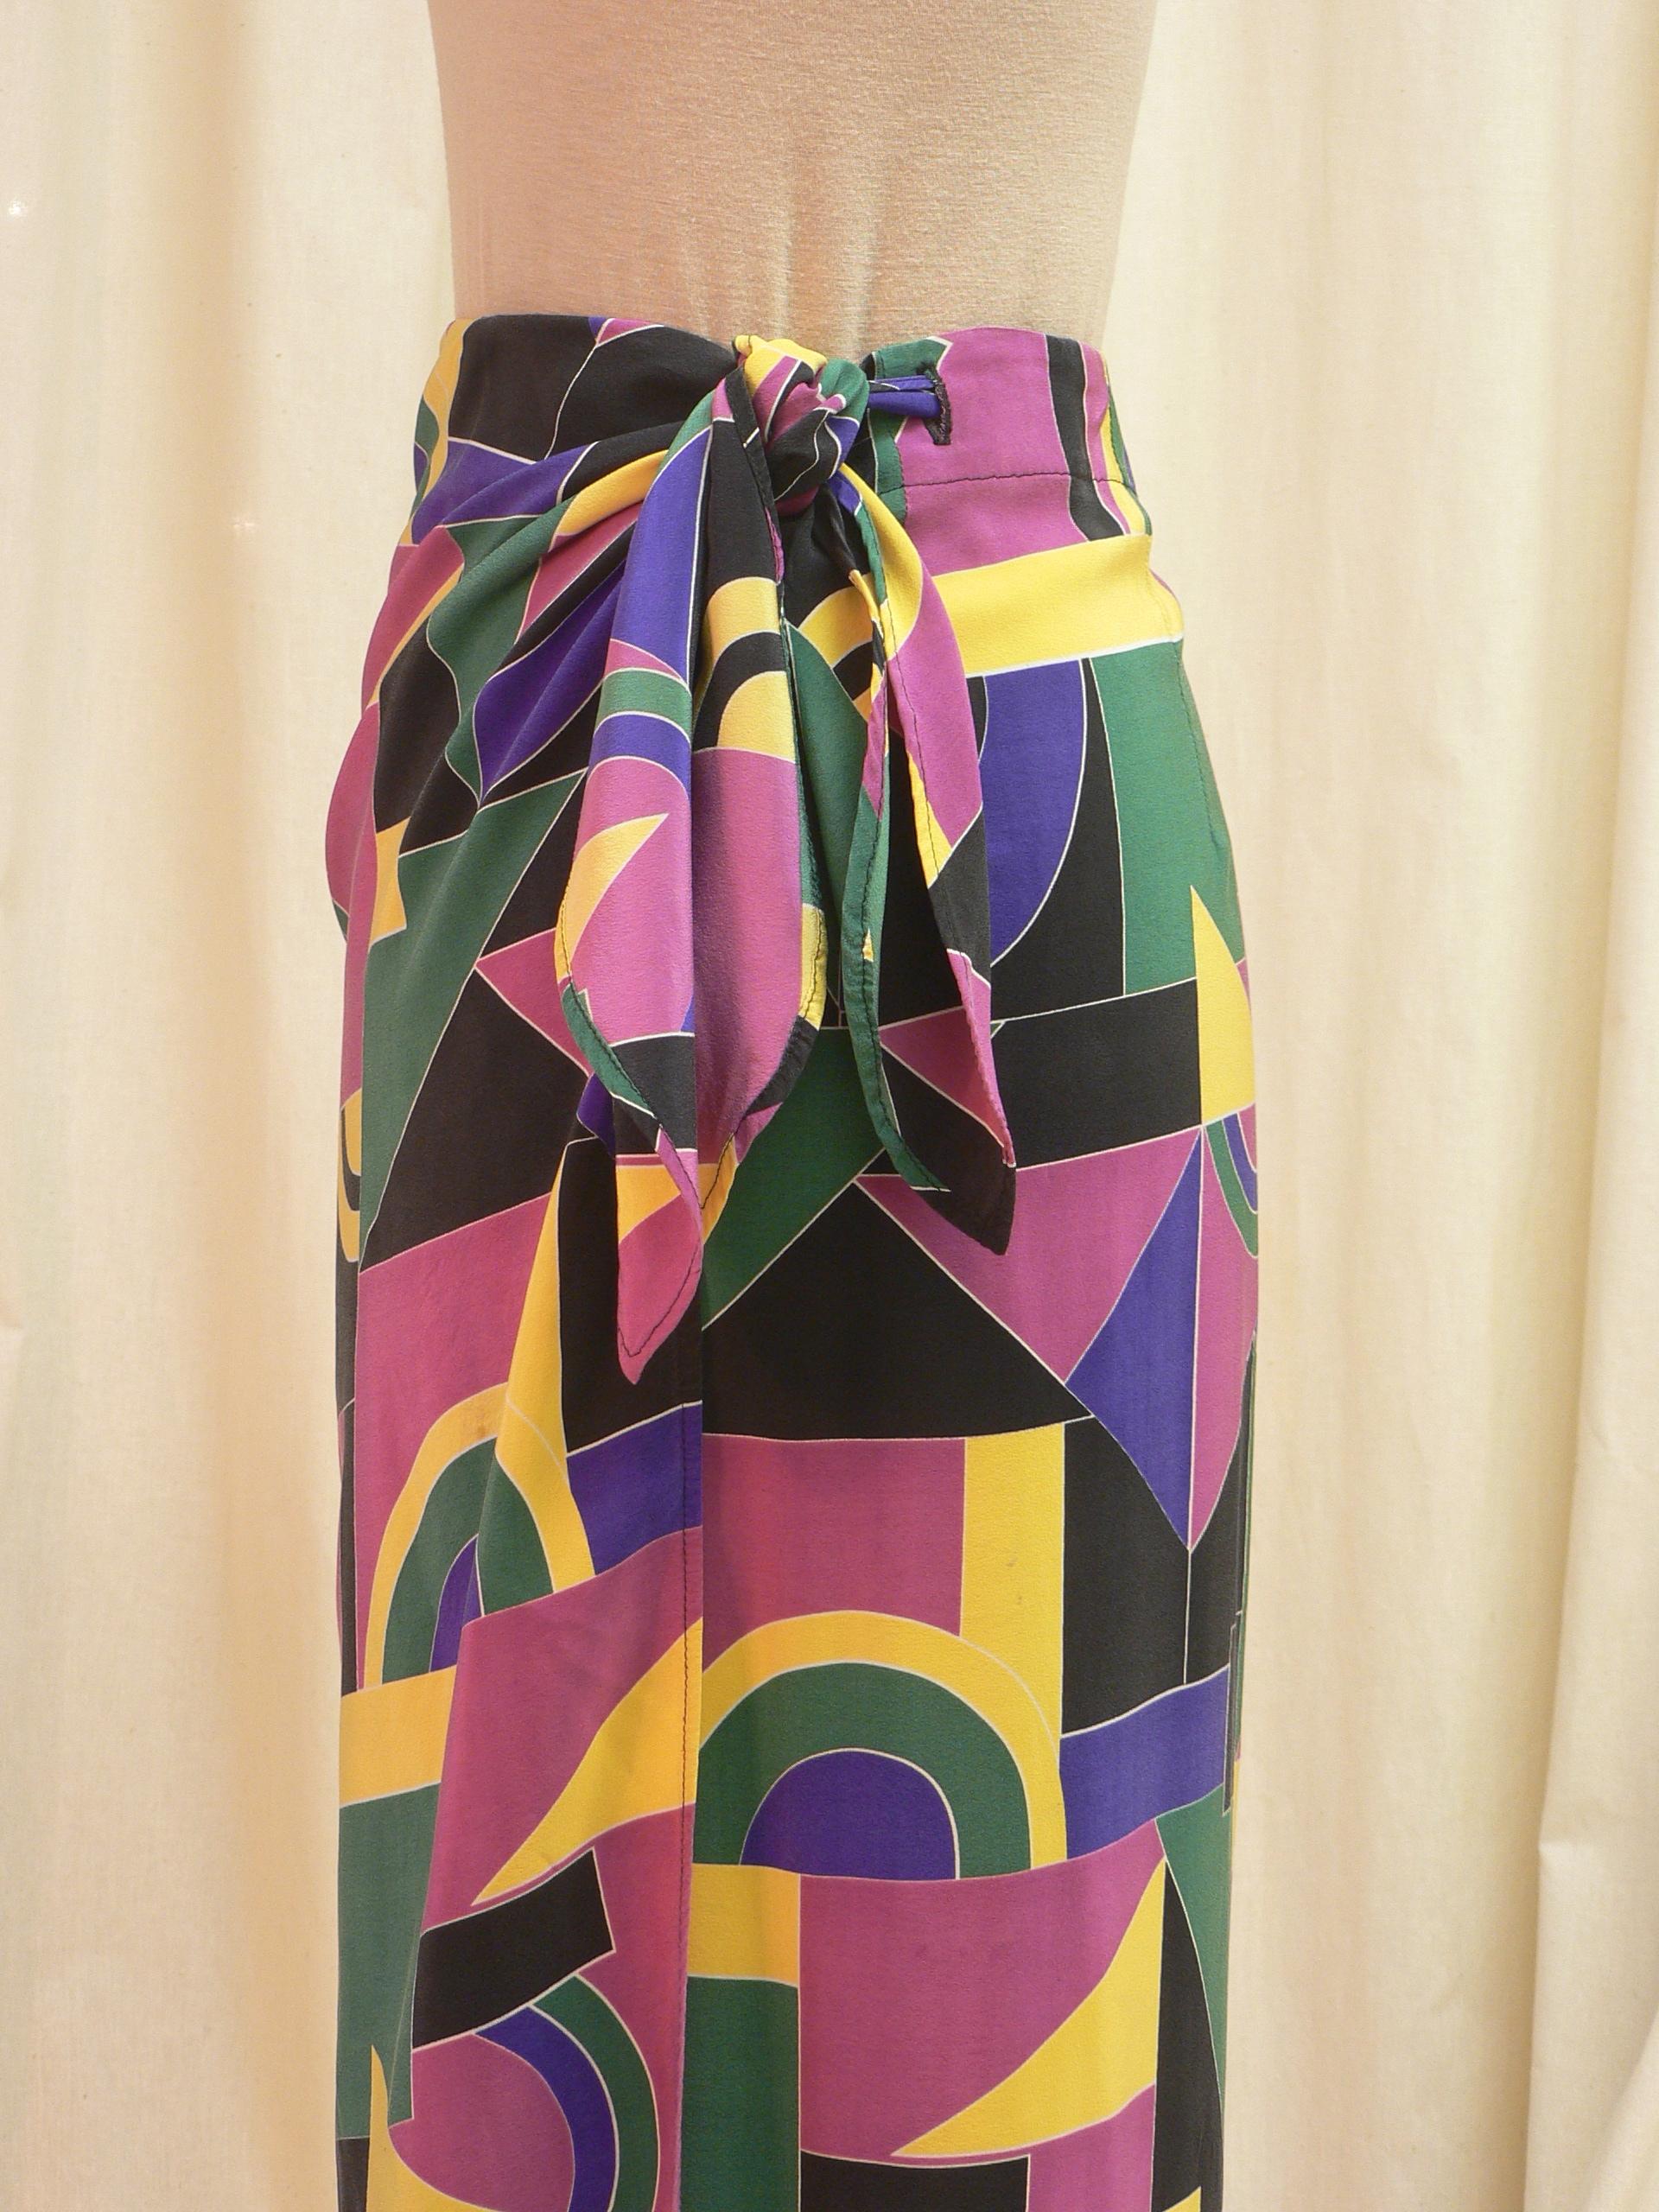 skirt02_side_detail.JPG